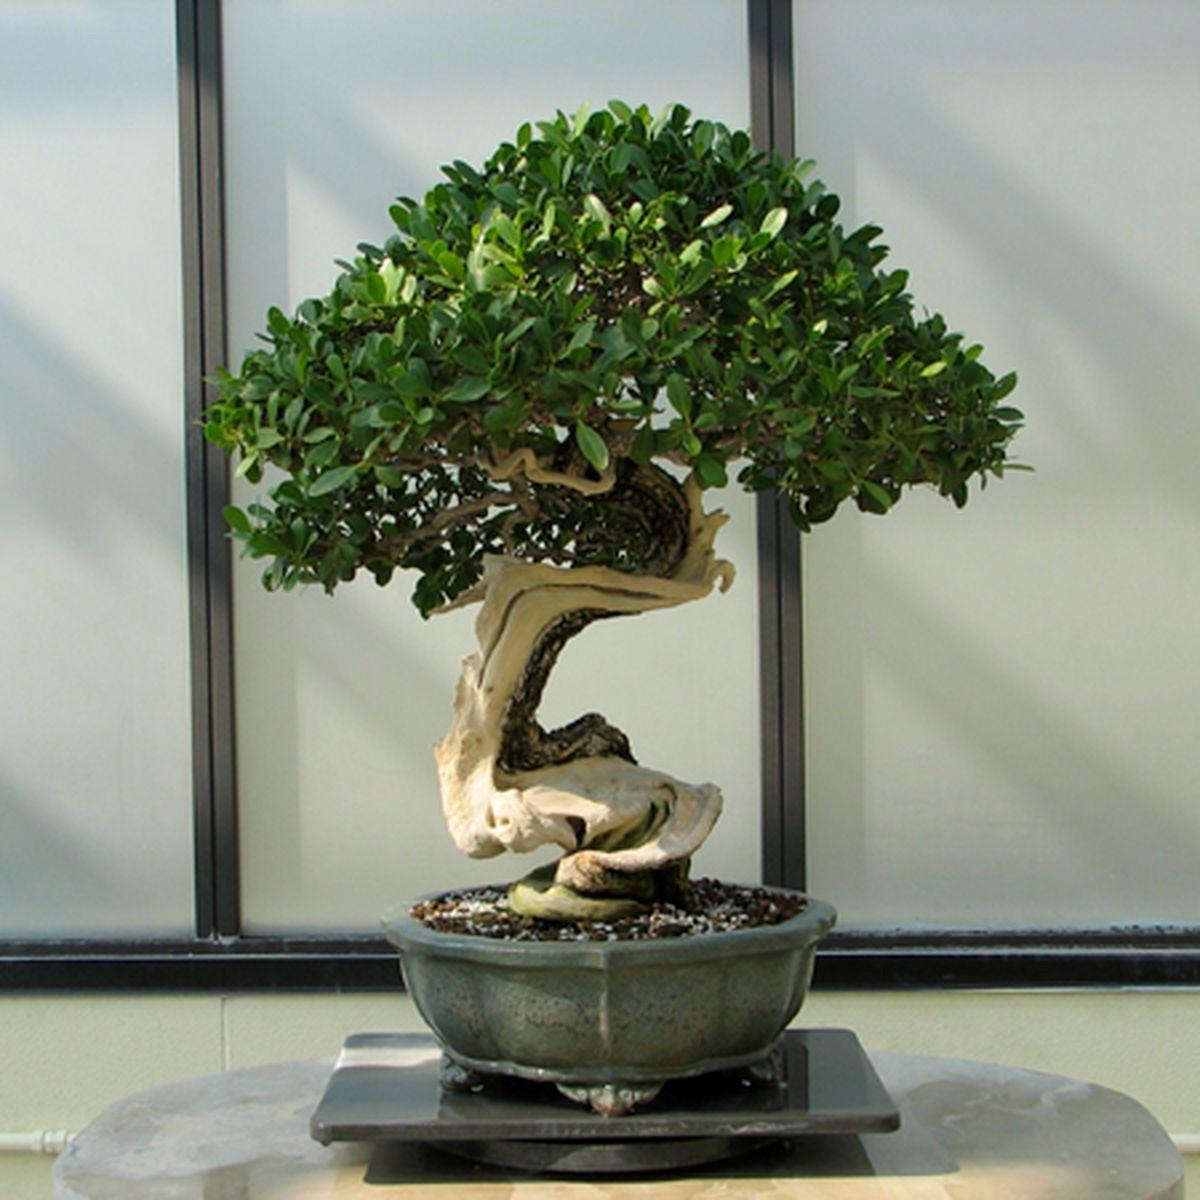 Les bonsaï sont souvent pliés et tordus, positionnés autour des rochers ou même placés avec d'autres arbres pour simuler une minuscule forêt.